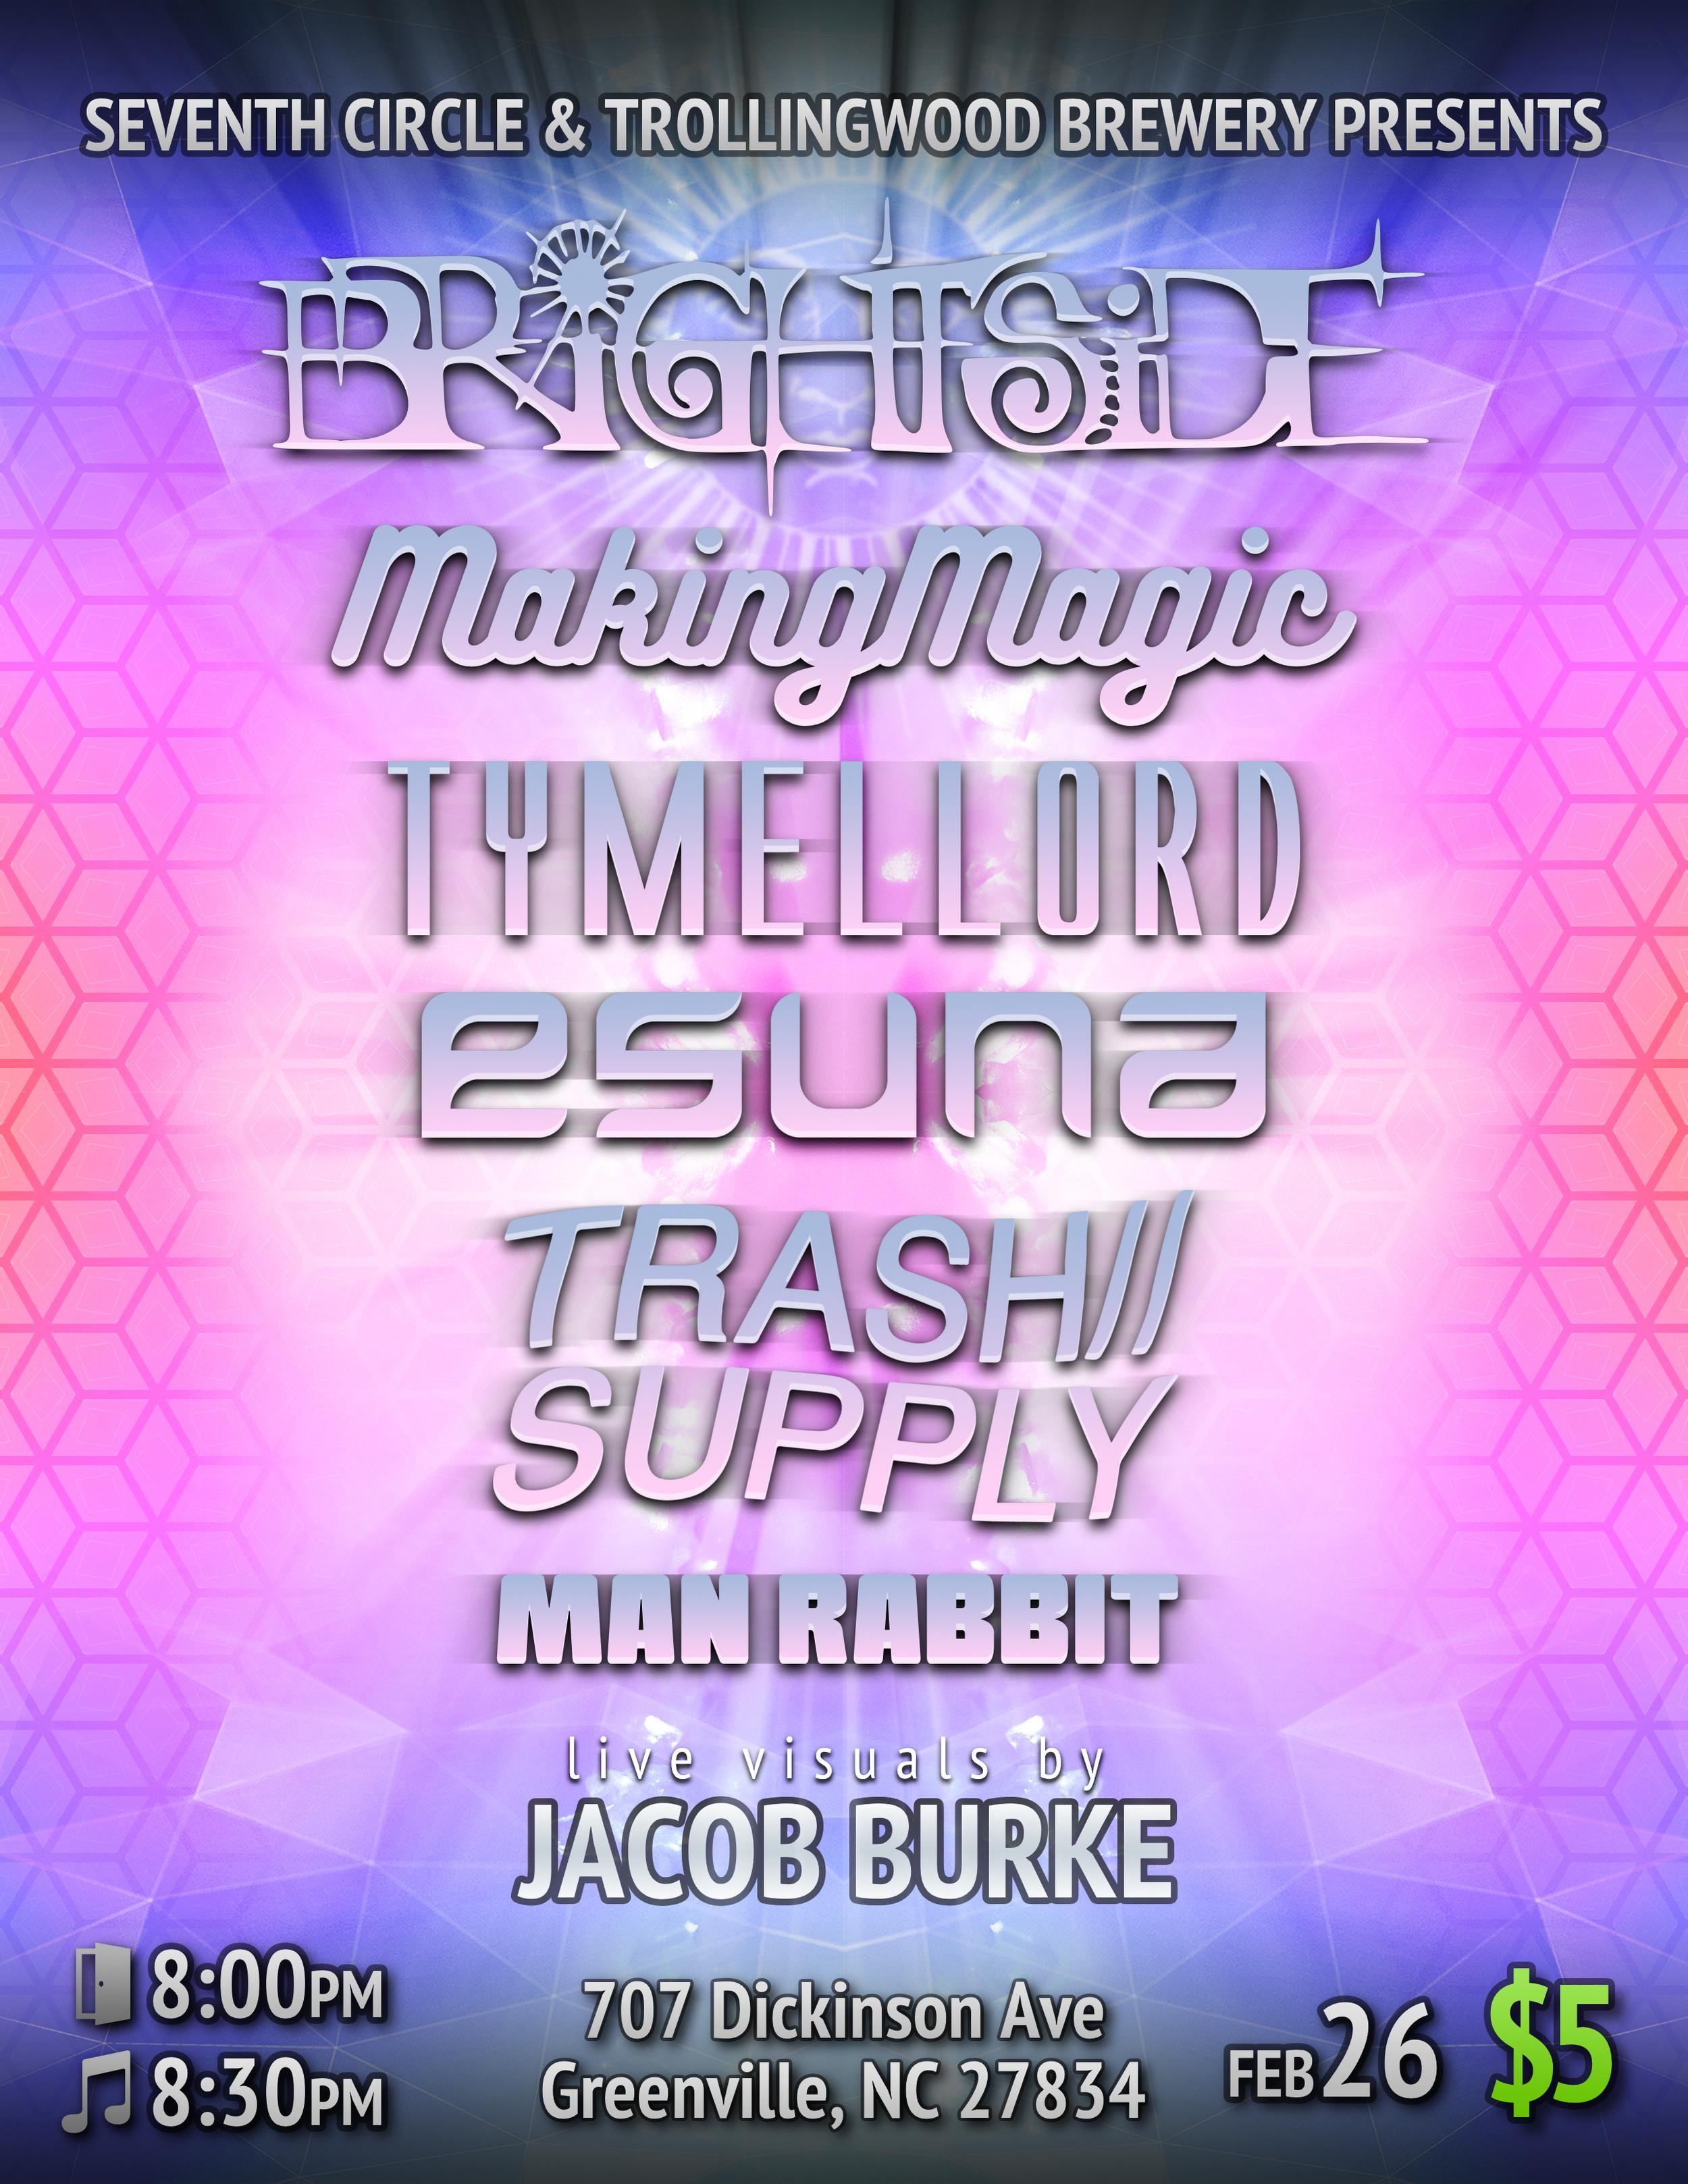 Brightside @ Trollingwood